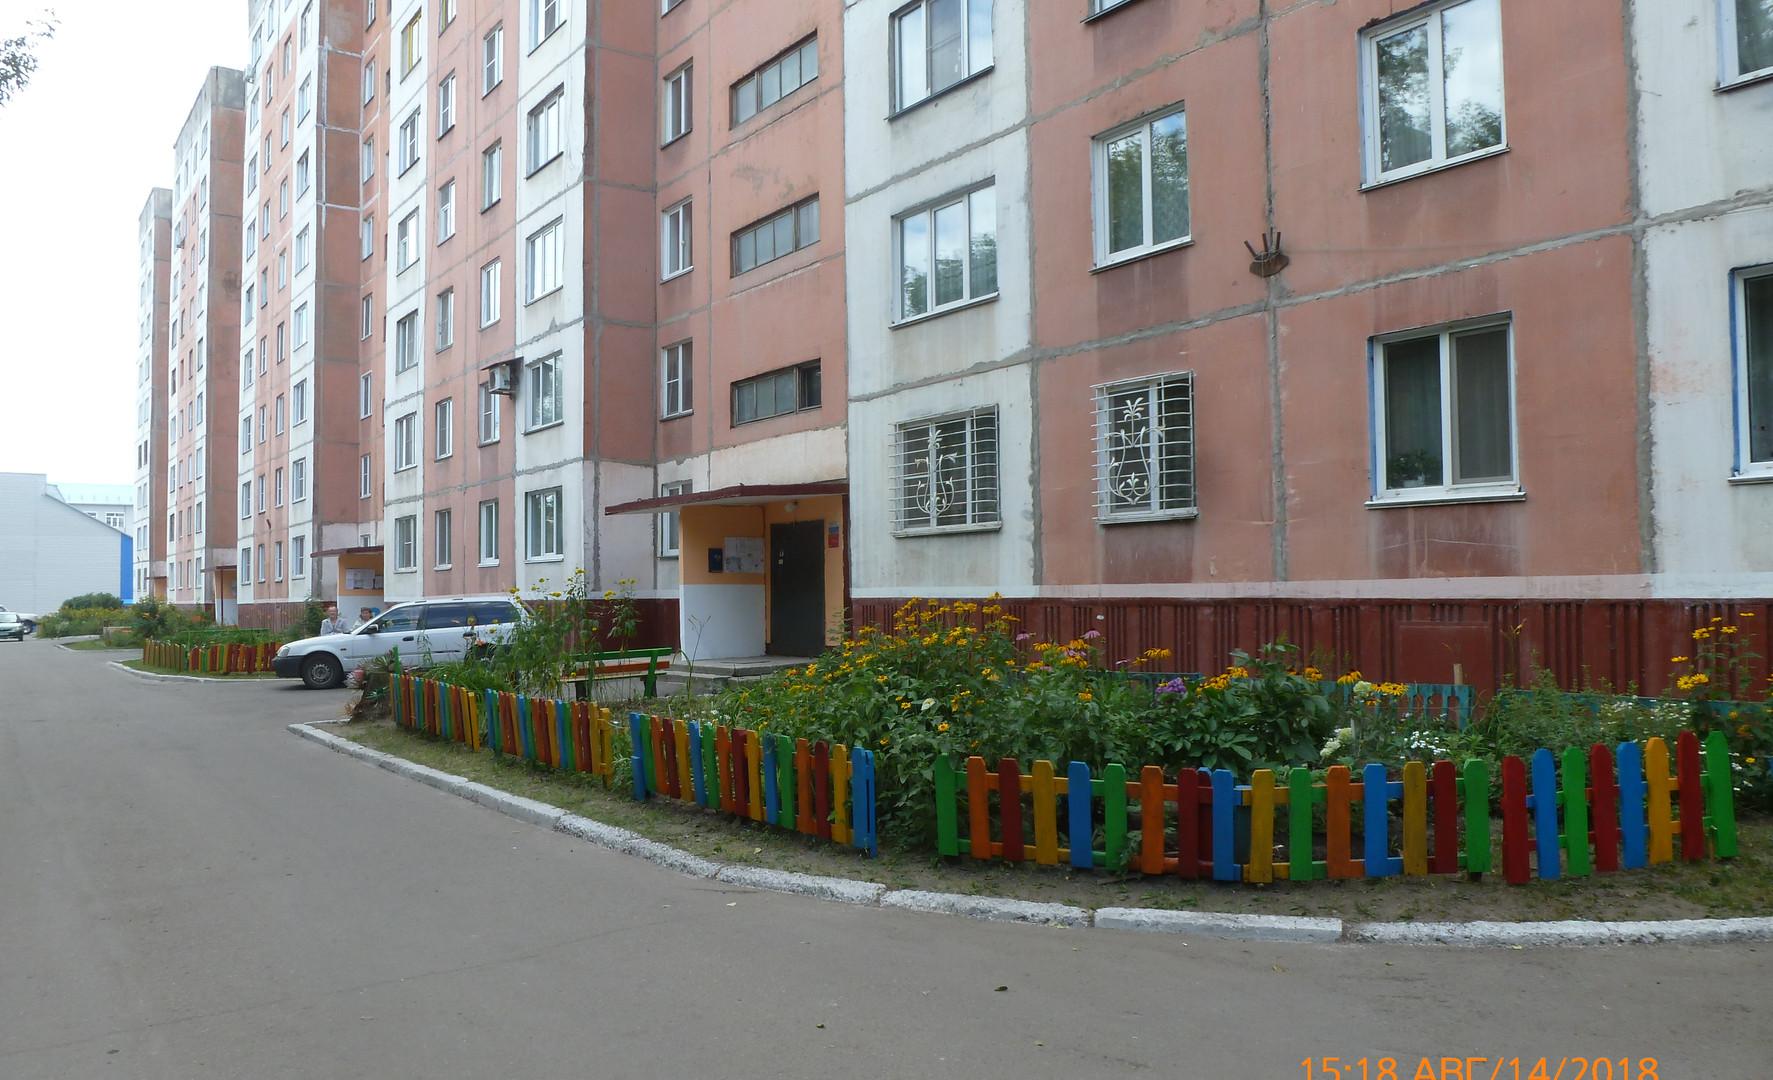 Юрина, 219 стал победителем в номинации «Лучшая придомовая территория»